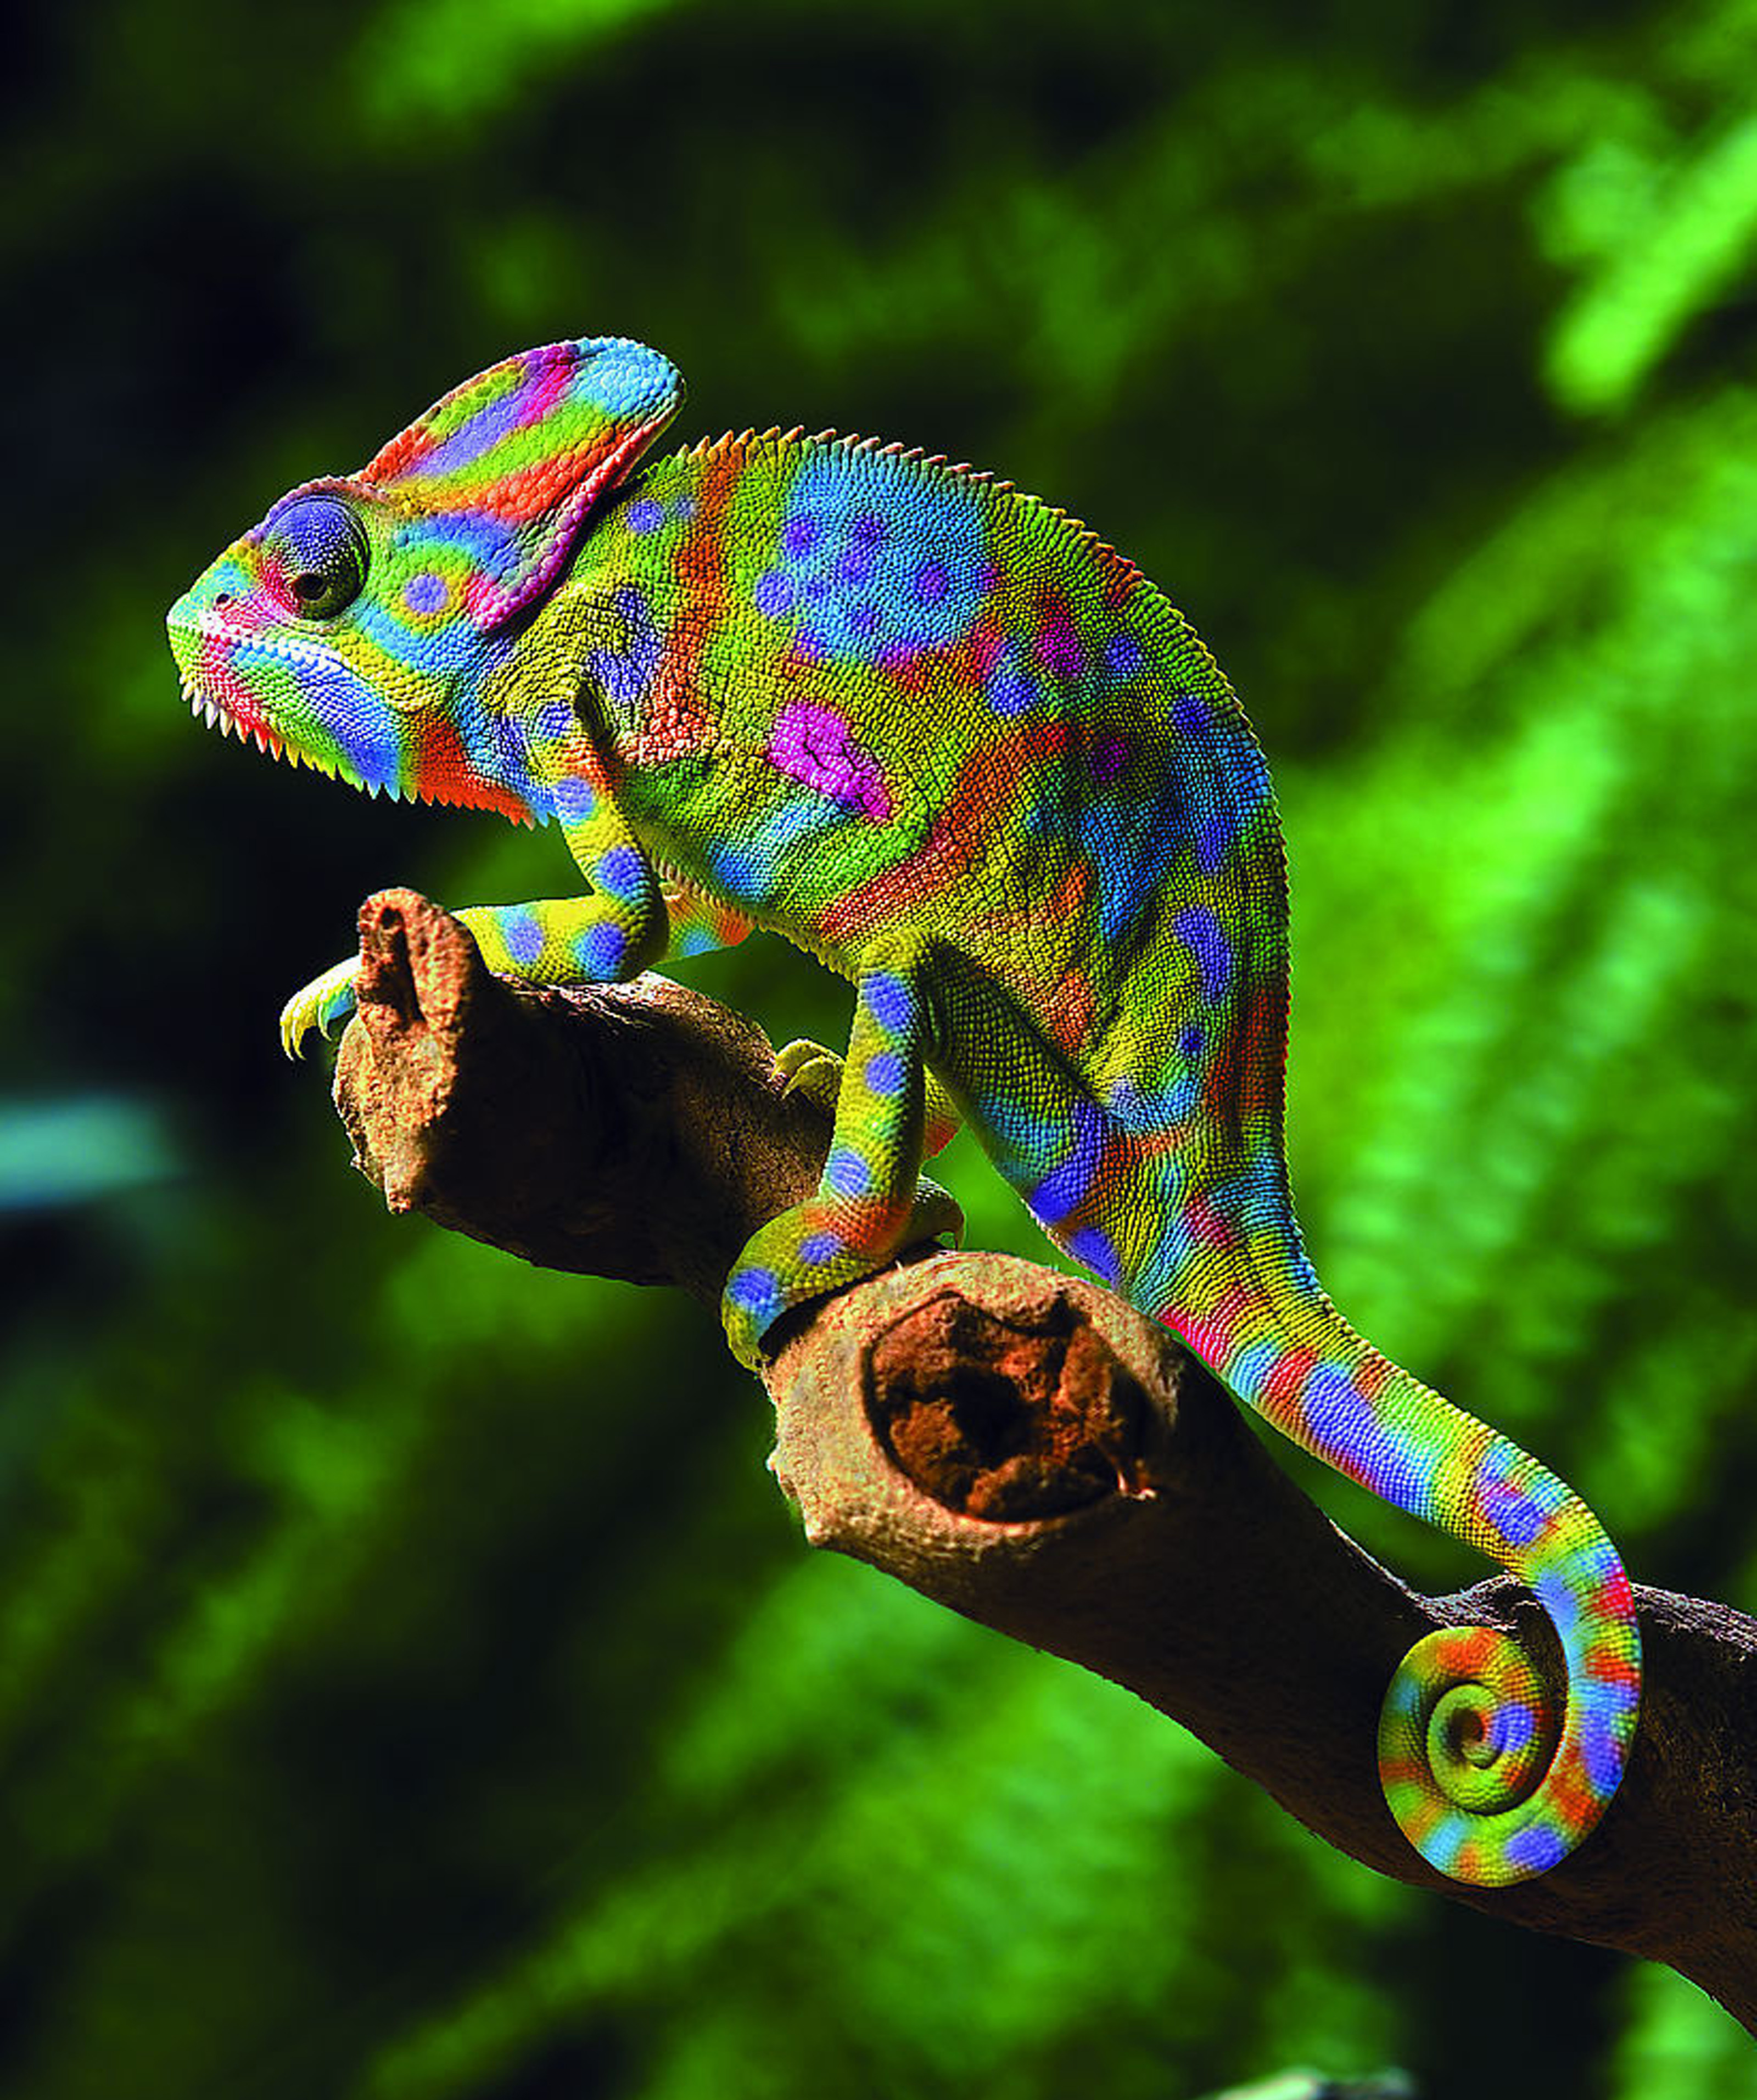 Chameleon Random Photographs And Video Chameleon Web